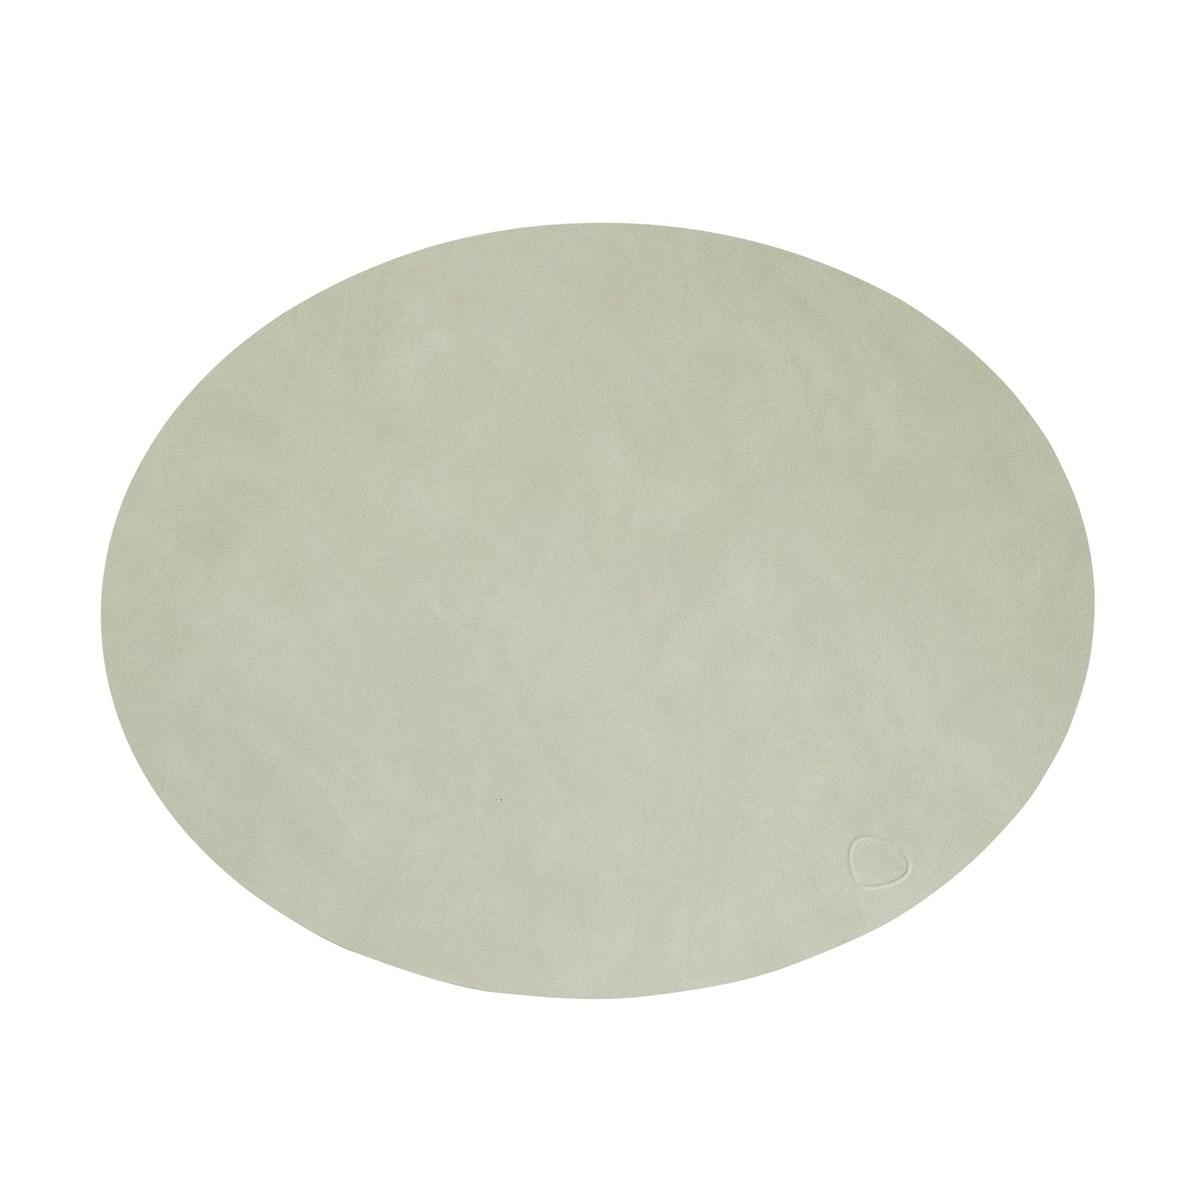 Lind DNA bordbrikke oval nupo olive green